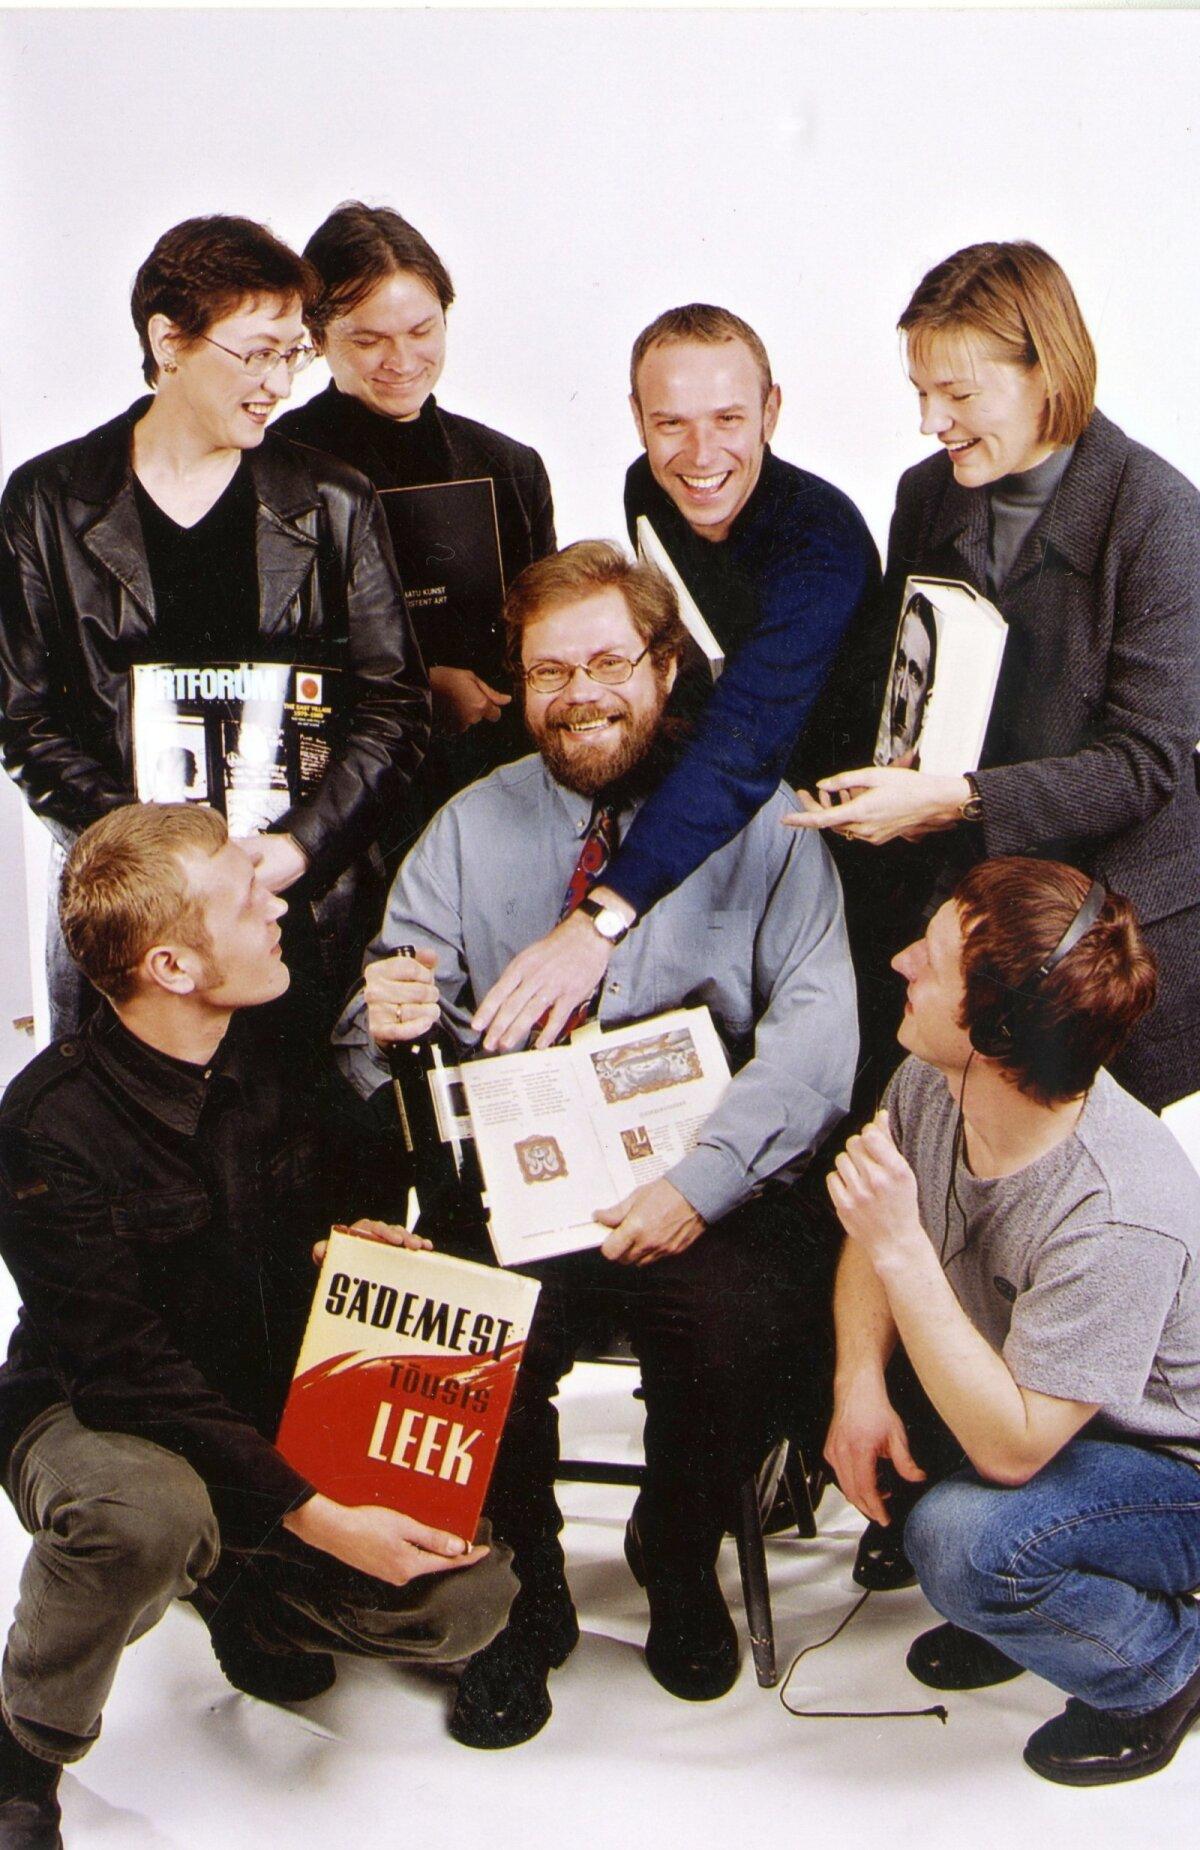 AASTA SIIS OLI 1999: Areeni toimetus koosseisus (tagareas vasakult) Heie Treier, Tõnu Kaalep (1966–2018), Harry Liivrand, Barbi Pilvre, (esireas vasakult) Marko Mägi, Kalev Kesküla (1959–2010) ja Siim Nestor.